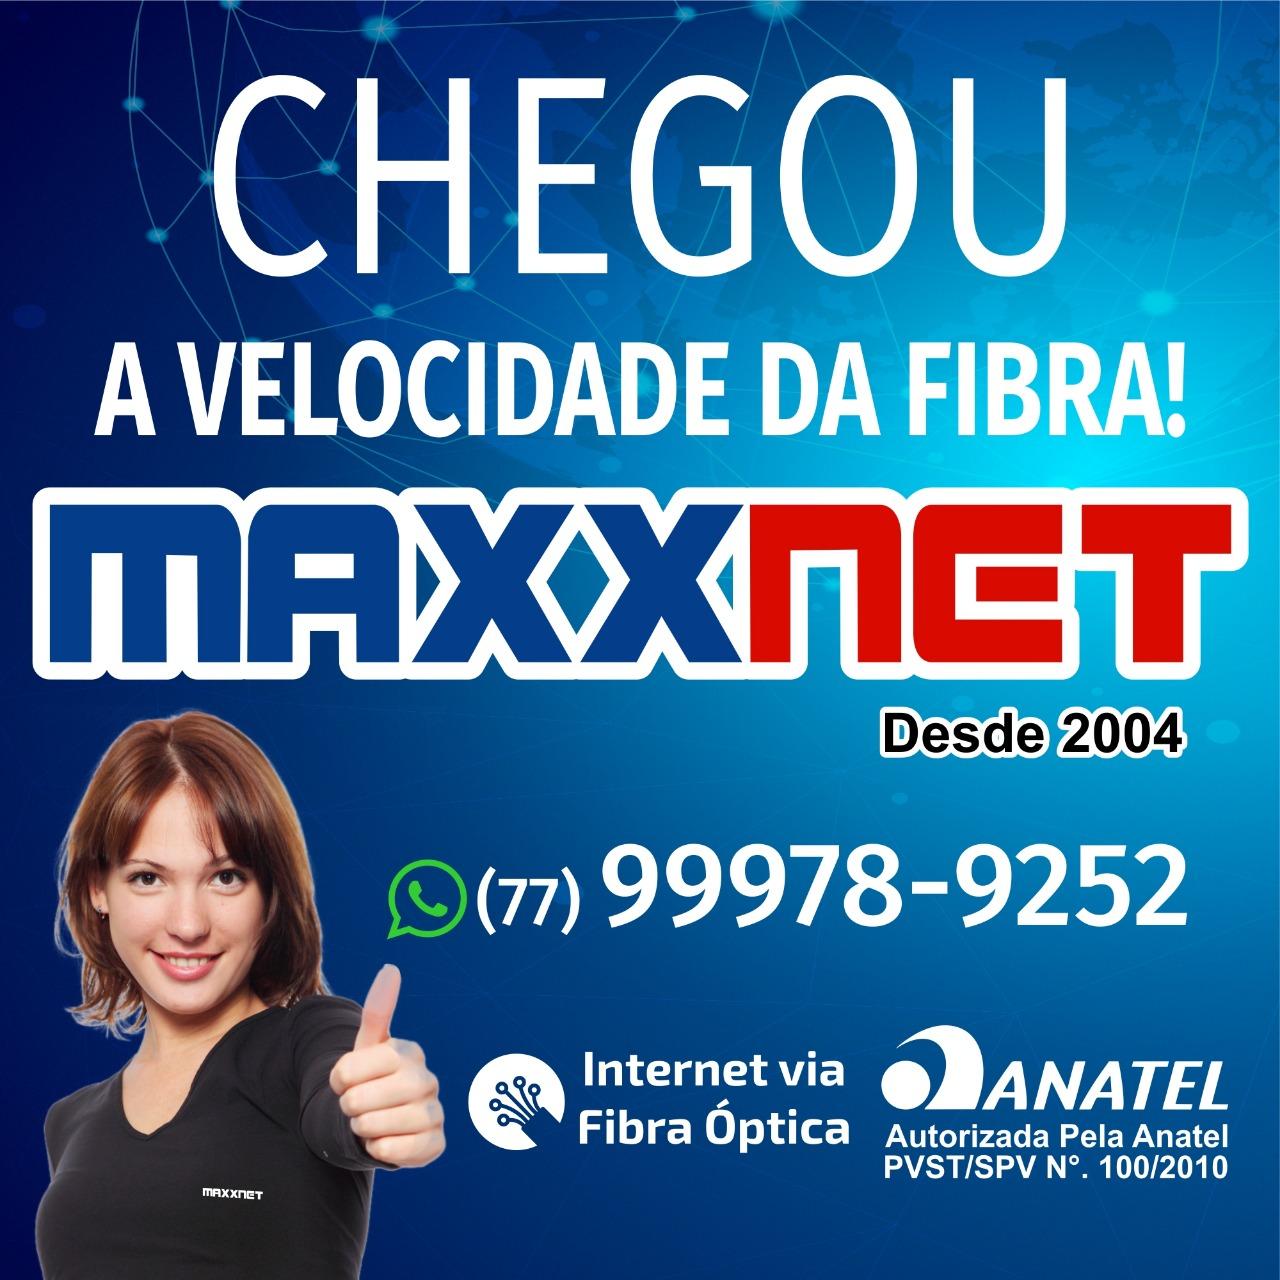 Maxxnet  -  O seu provedor de internet